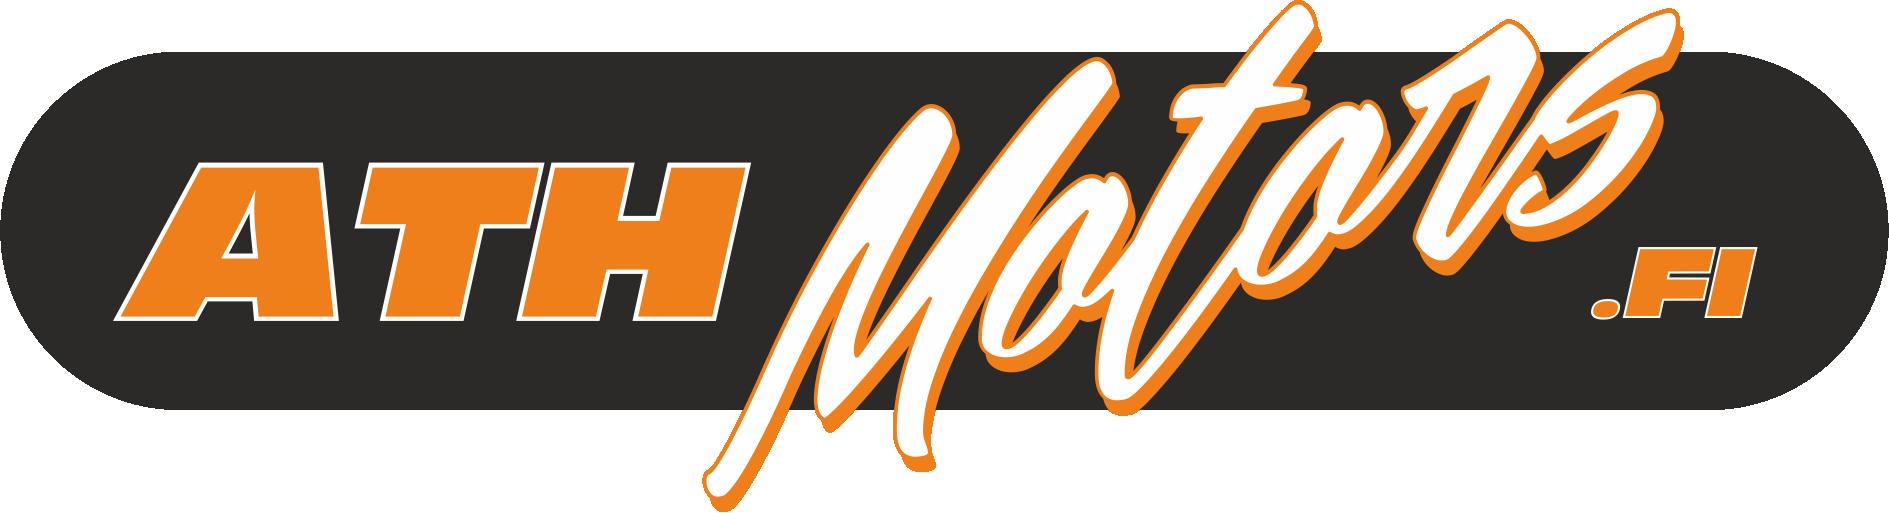 ATH-Motors